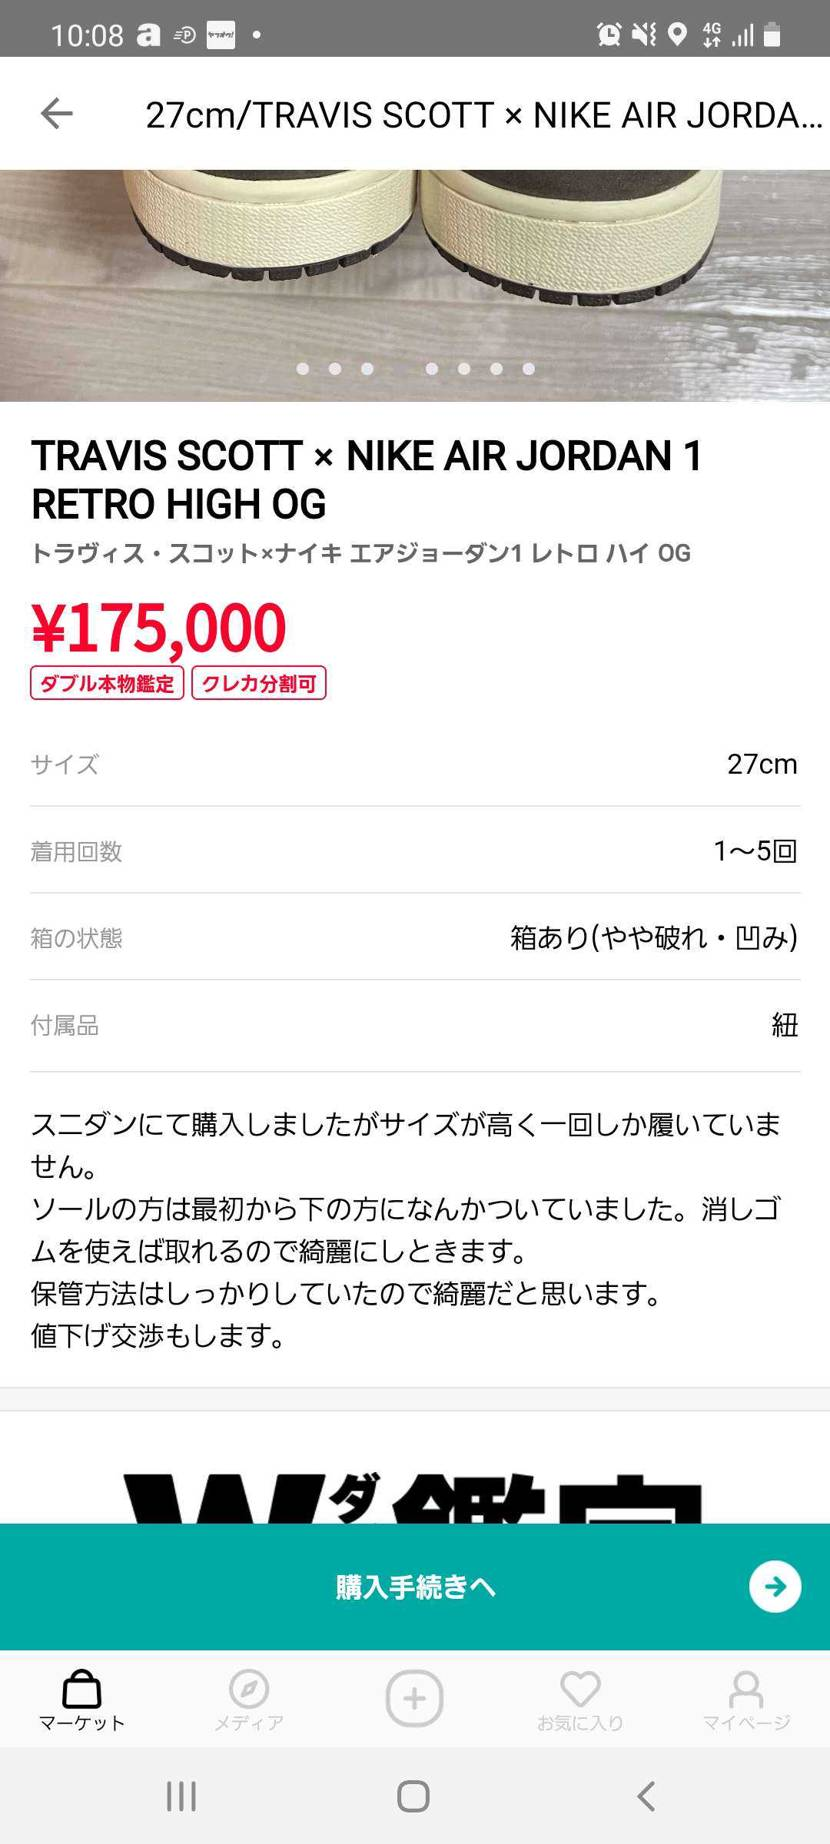 この出品者様にお願いなのですが155000円まで値下げ可能ですか?